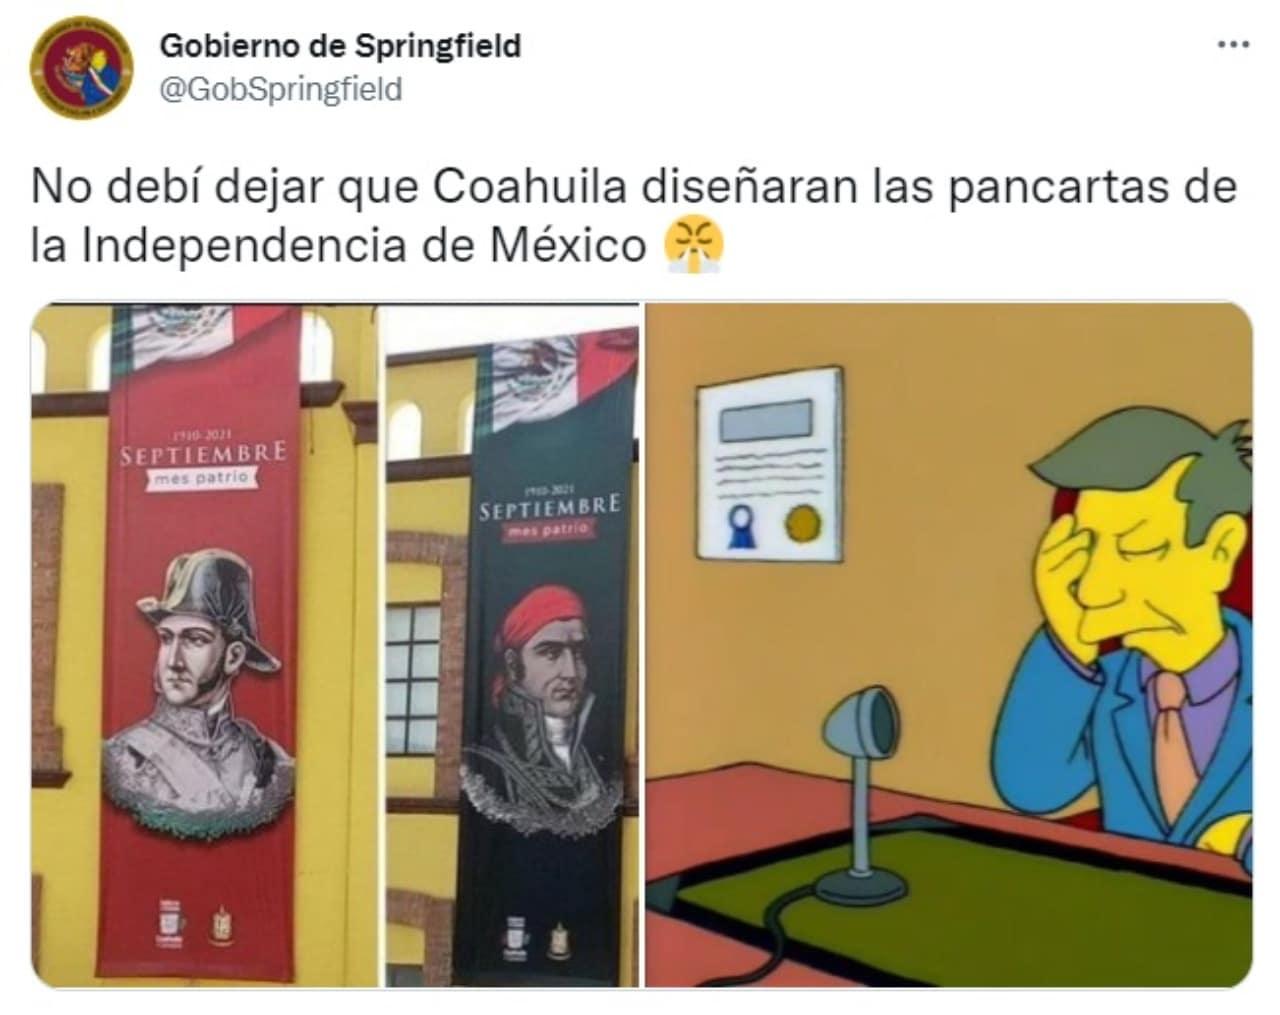 Coahuila independencia mexico 1910 imagenes centro